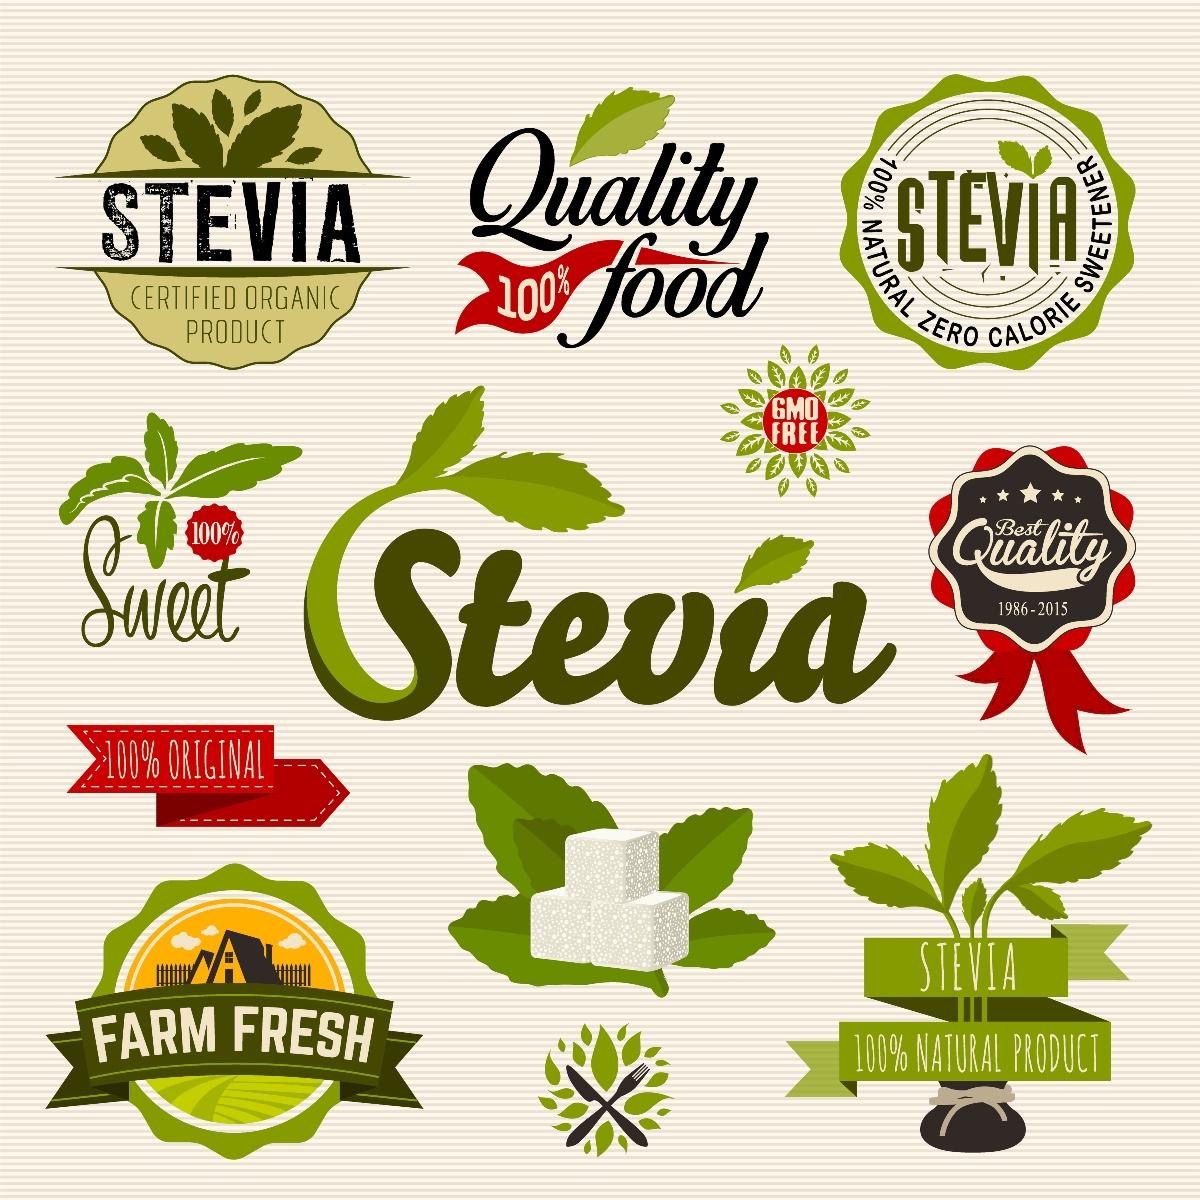 la storia della stevia